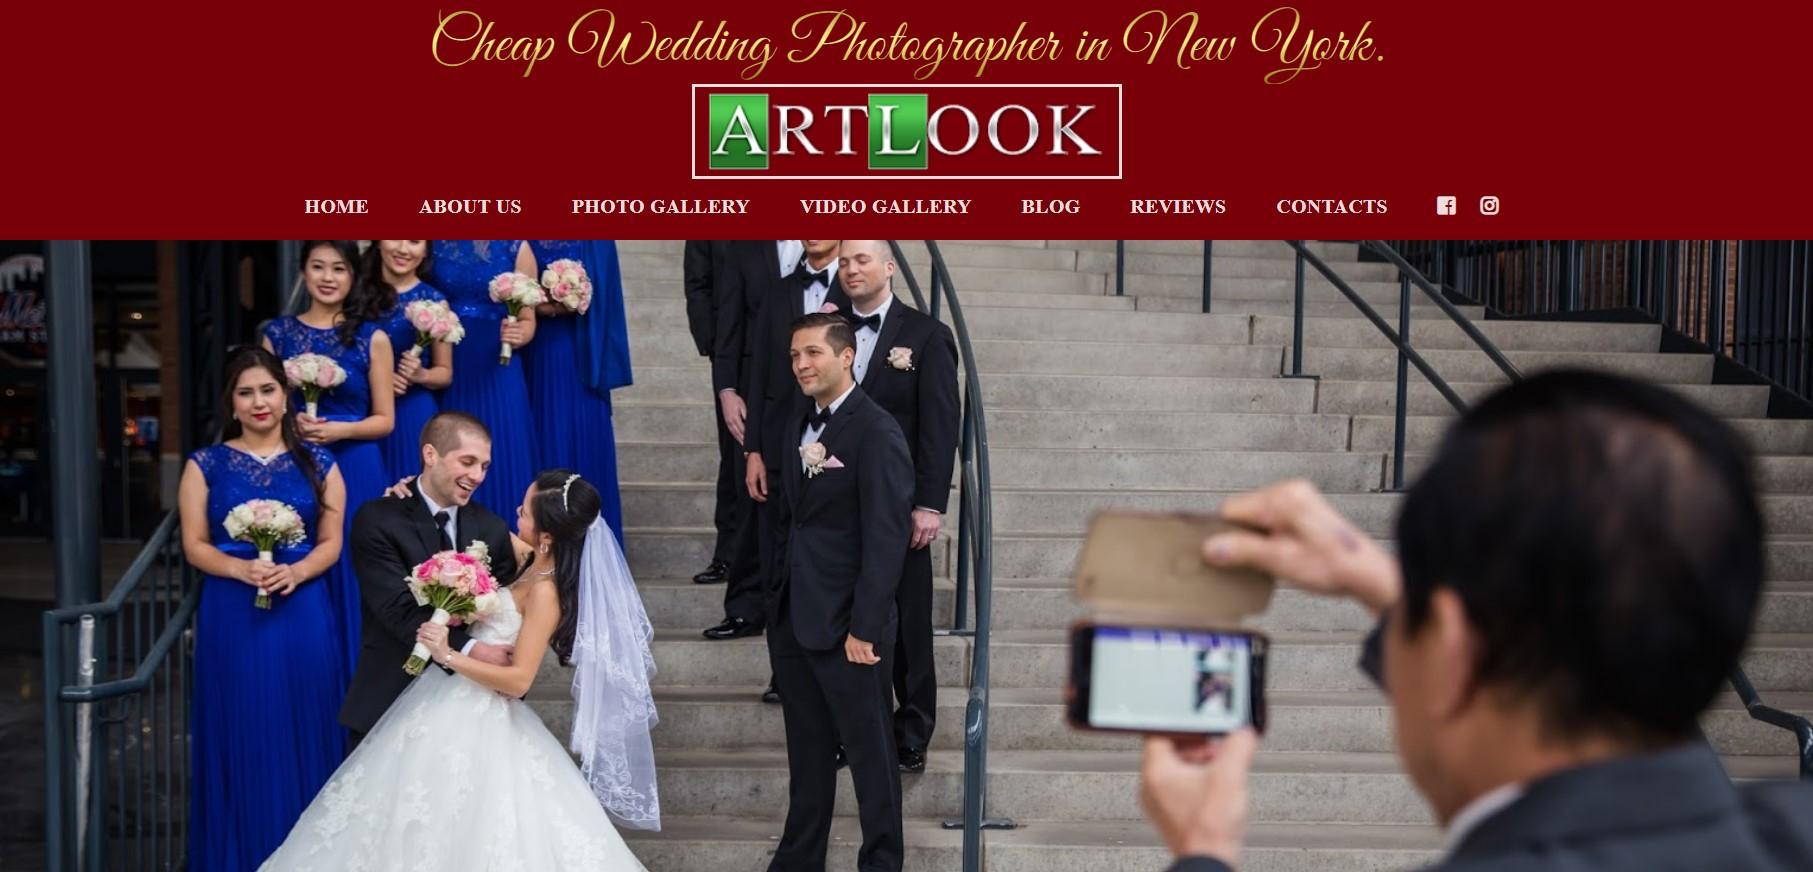 artlook wedding photographer in new york